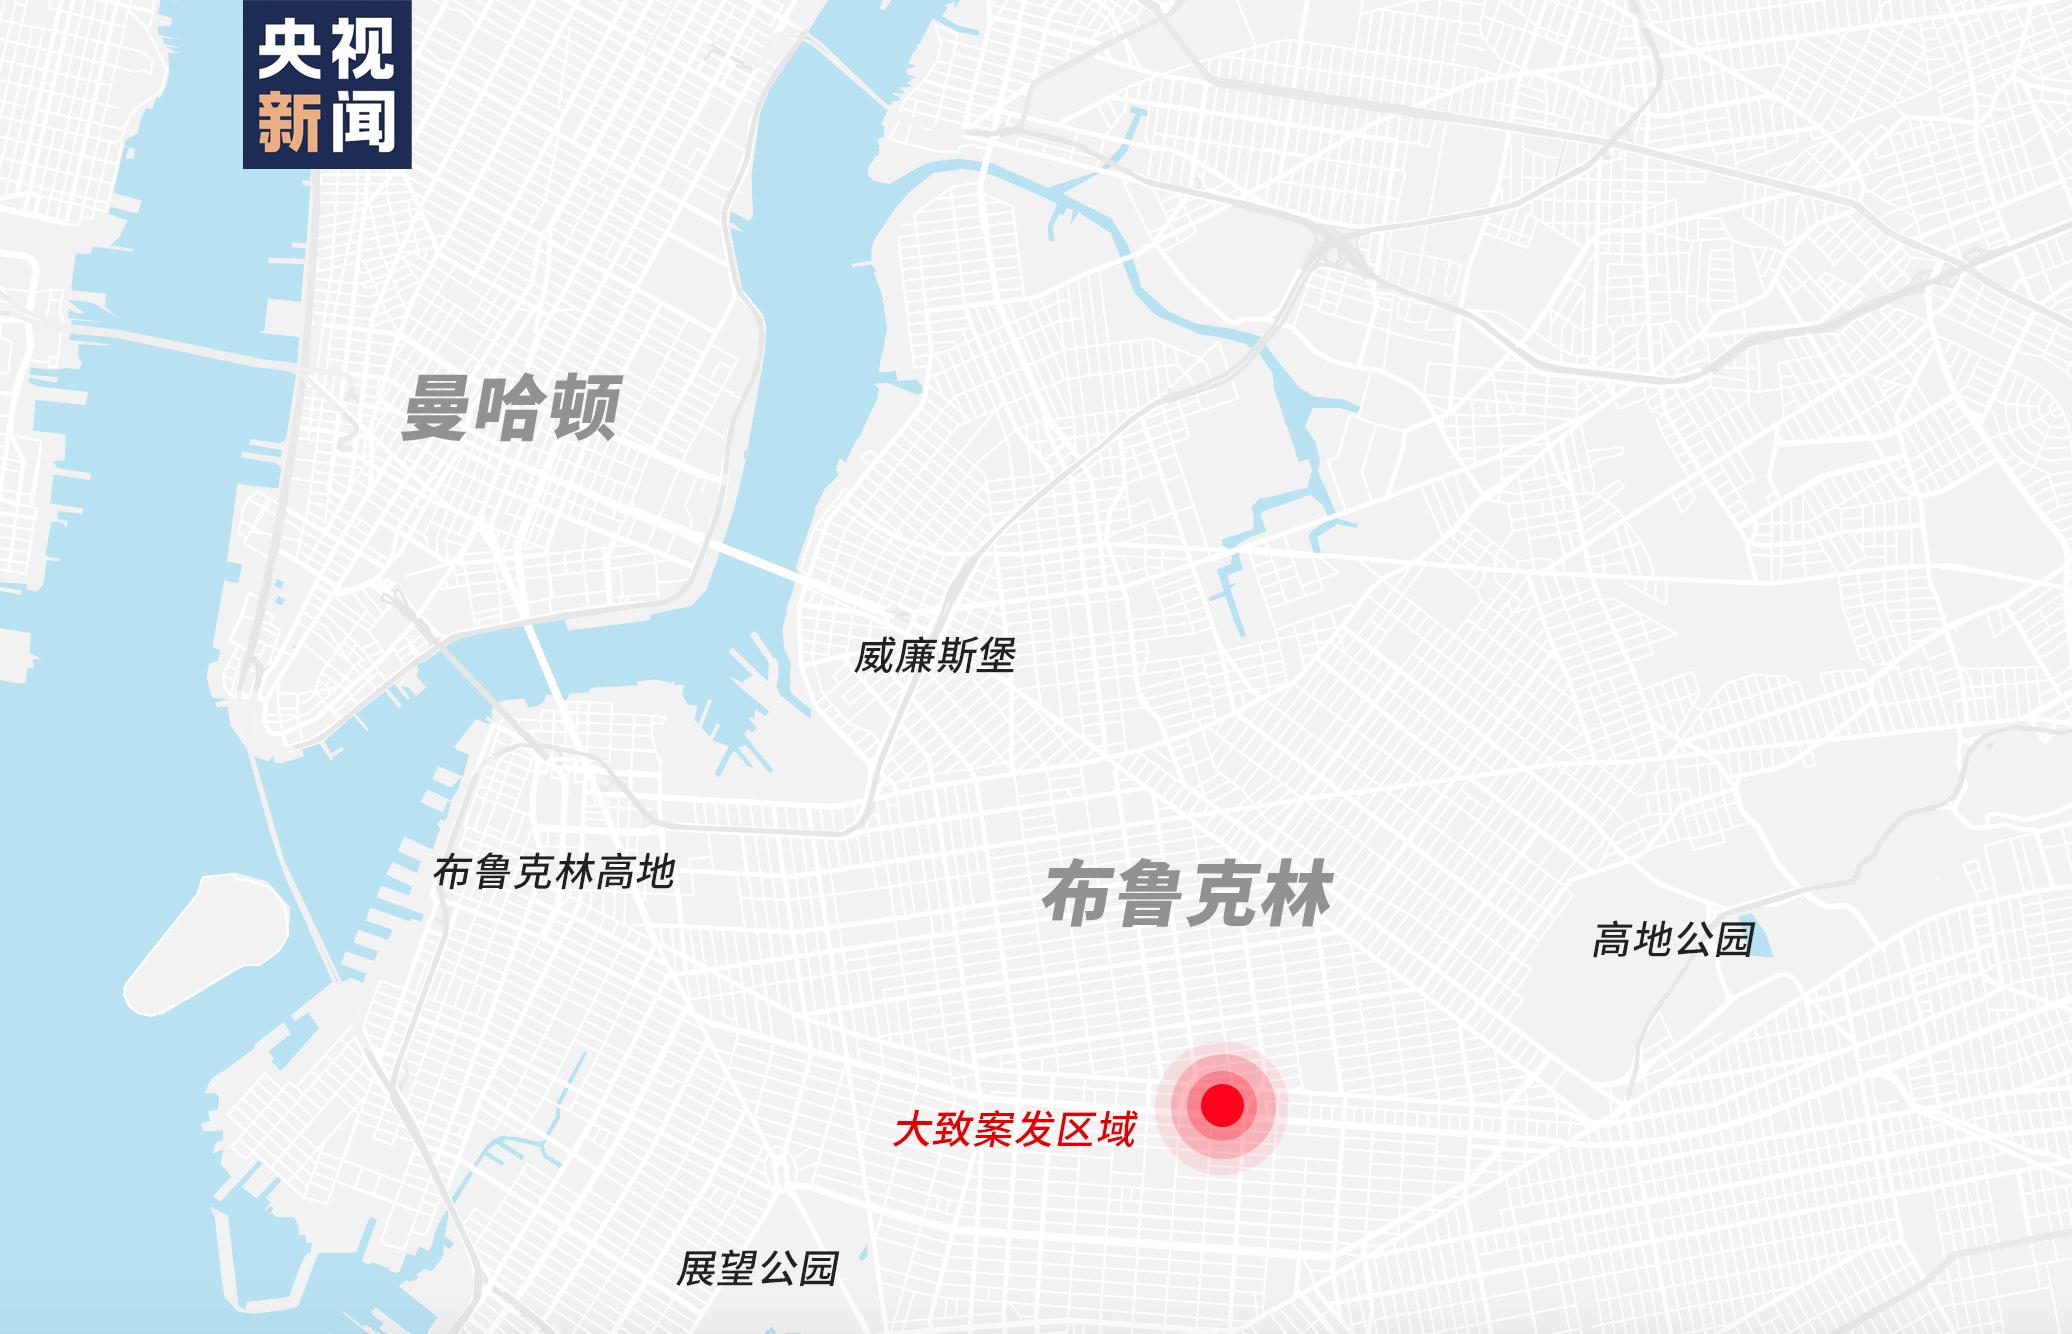 美国纽约布鲁克林发生枪击 已致4人死亡3人受伤